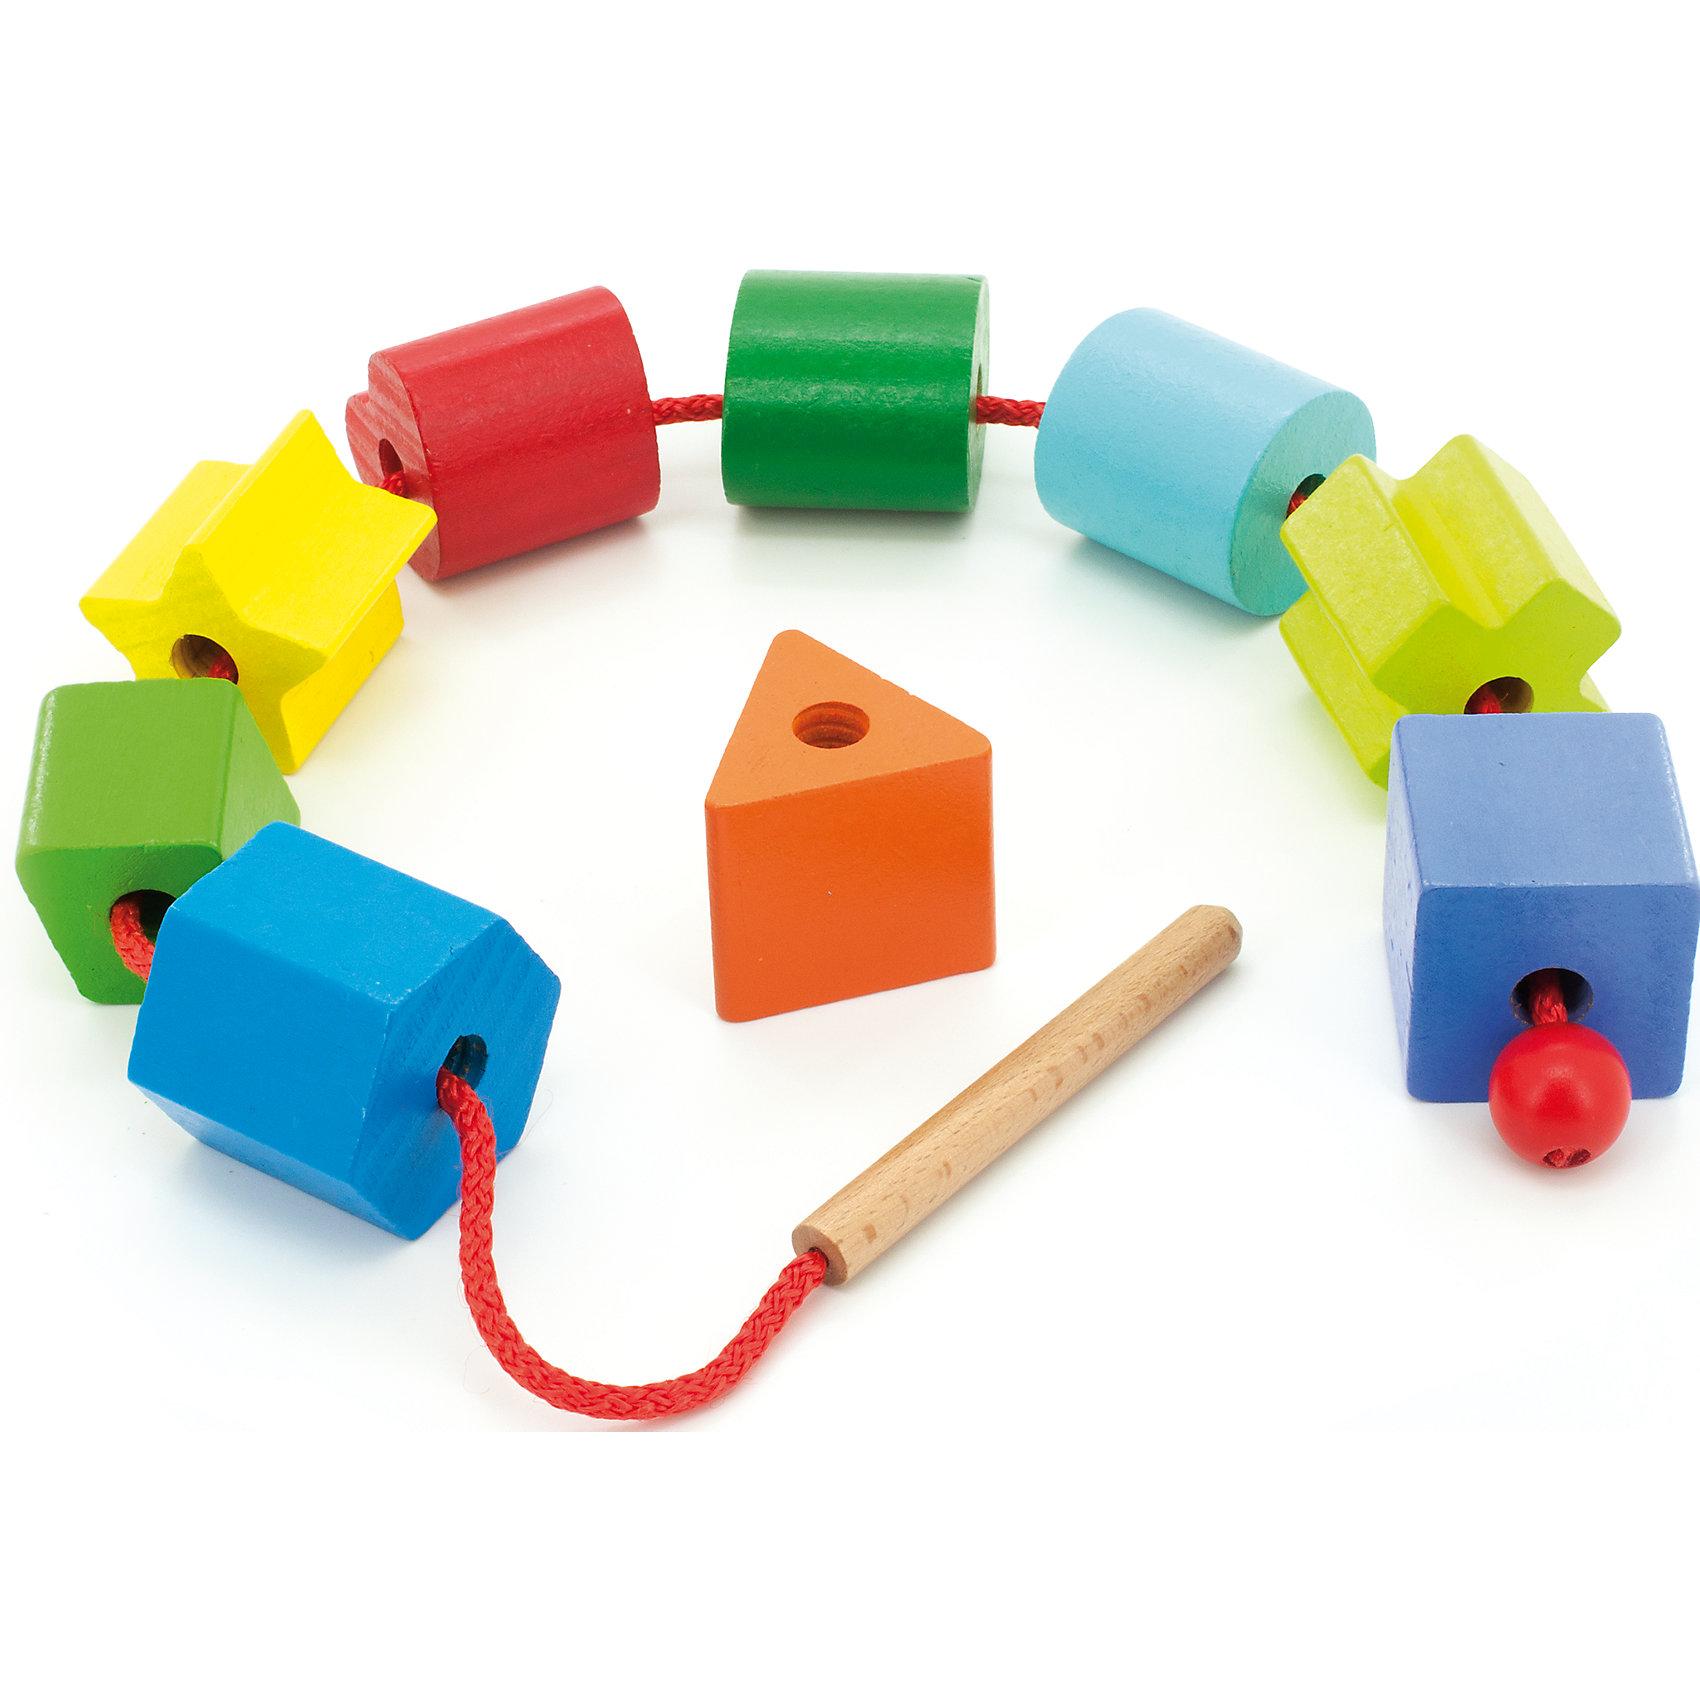 Бусы Геометрия, Мир деревянных игрушекДети спешат узнавать мир, и делать это приятнее, играя! Развивающие игрушки помогают малышу быстрее освоить нужные навыки: они развивают мелкую моторику, цветовосприятие, умение логически размышлять, внимание, способность распознавать разные геометрические формы и многое другое.<br>Эта игрушка в виде бус сделана из натурального дерева, отлично обработанного и безопасного для малышей. Игра с ней может надолго занять ребенка!<br><br>Дополнительная информация:<br><br>цвет: разноцветный;<br>материал: дерево;<br>размер упаковки: 12 х 12 х 16 см.<br><br>Бусы Геометрия от компании Мир деревянных игрушек можно купить в нашем магазине.<br><br>Ширина мм: 125<br>Глубина мм: 125<br>Высота мм: 160<br>Вес г: 336<br>Возраст от месяцев: 36<br>Возраст до месяцев: 2147483647<br>Пол: Унисекс<br>Возраст: Детский<br>SKU: 4976691